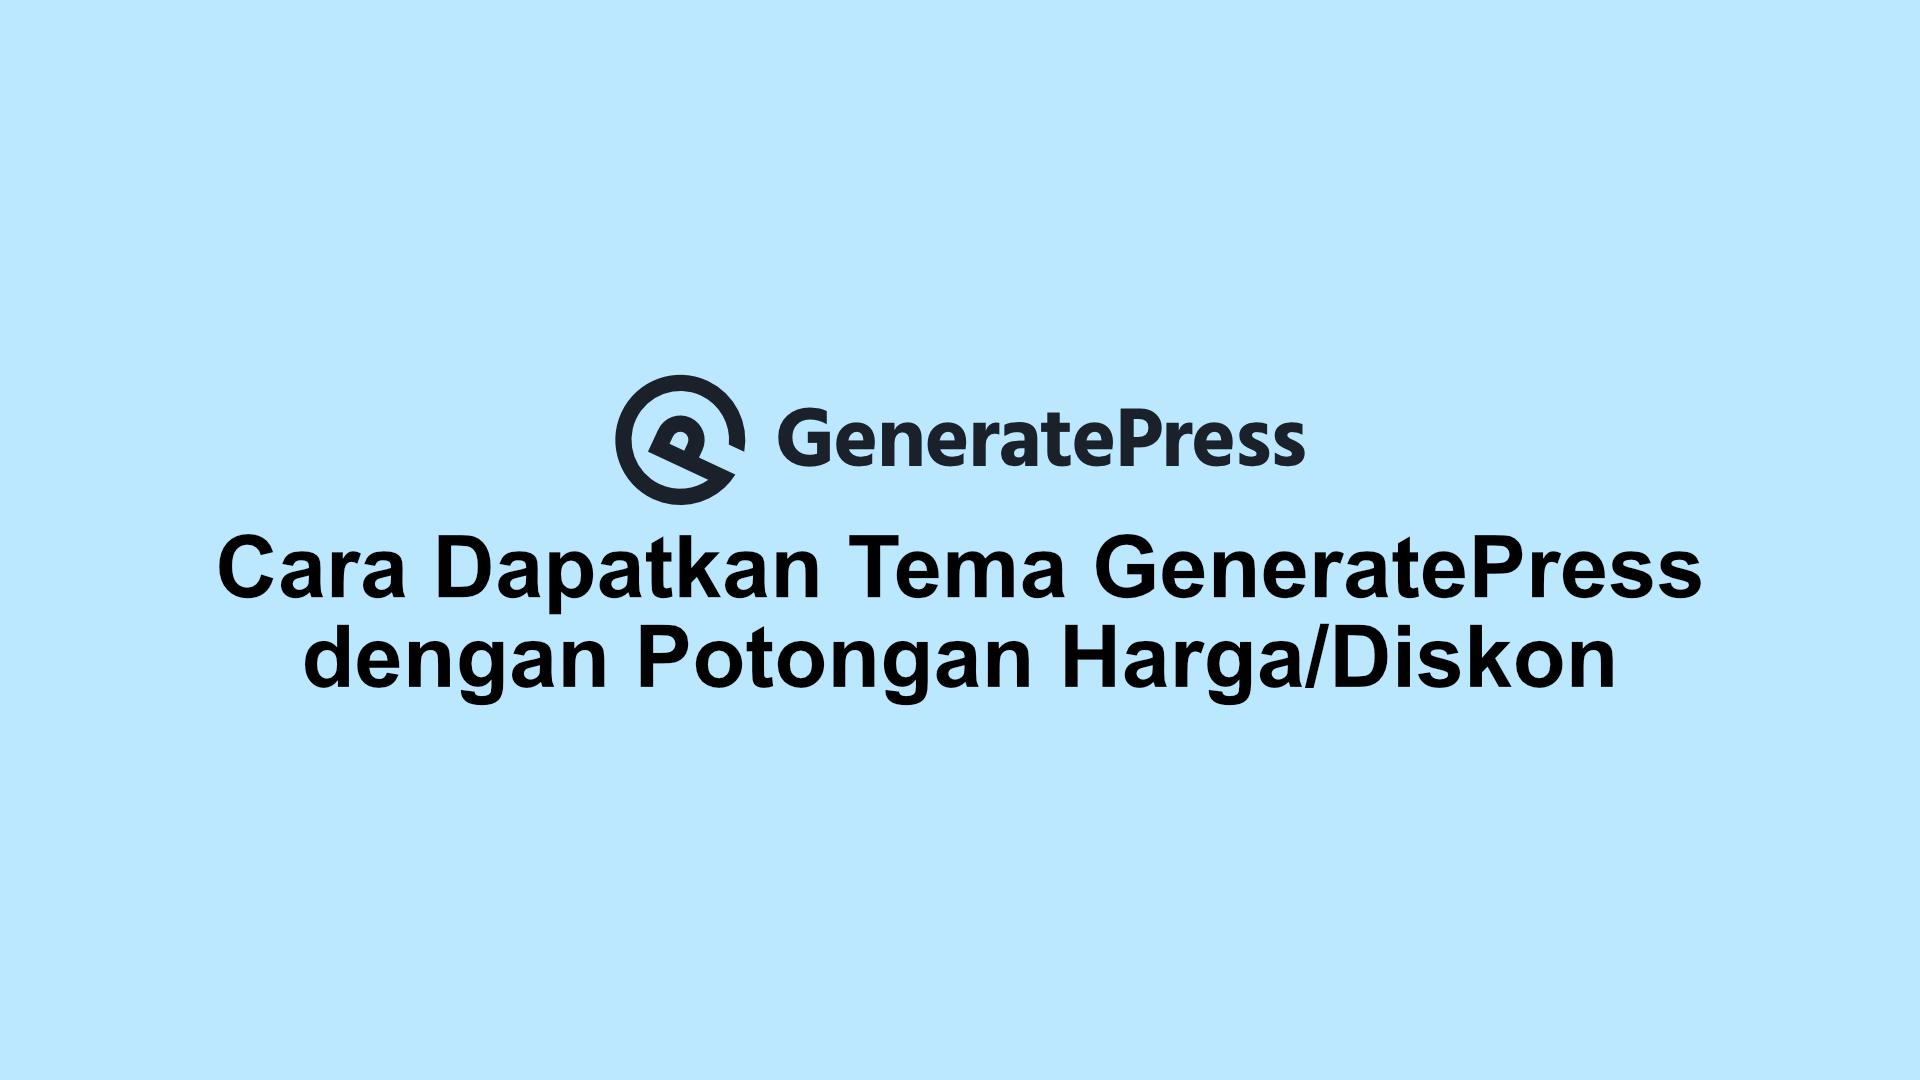 Cara Dapatkan Tema GeneratePress dengan Potongan Harga/Diskon